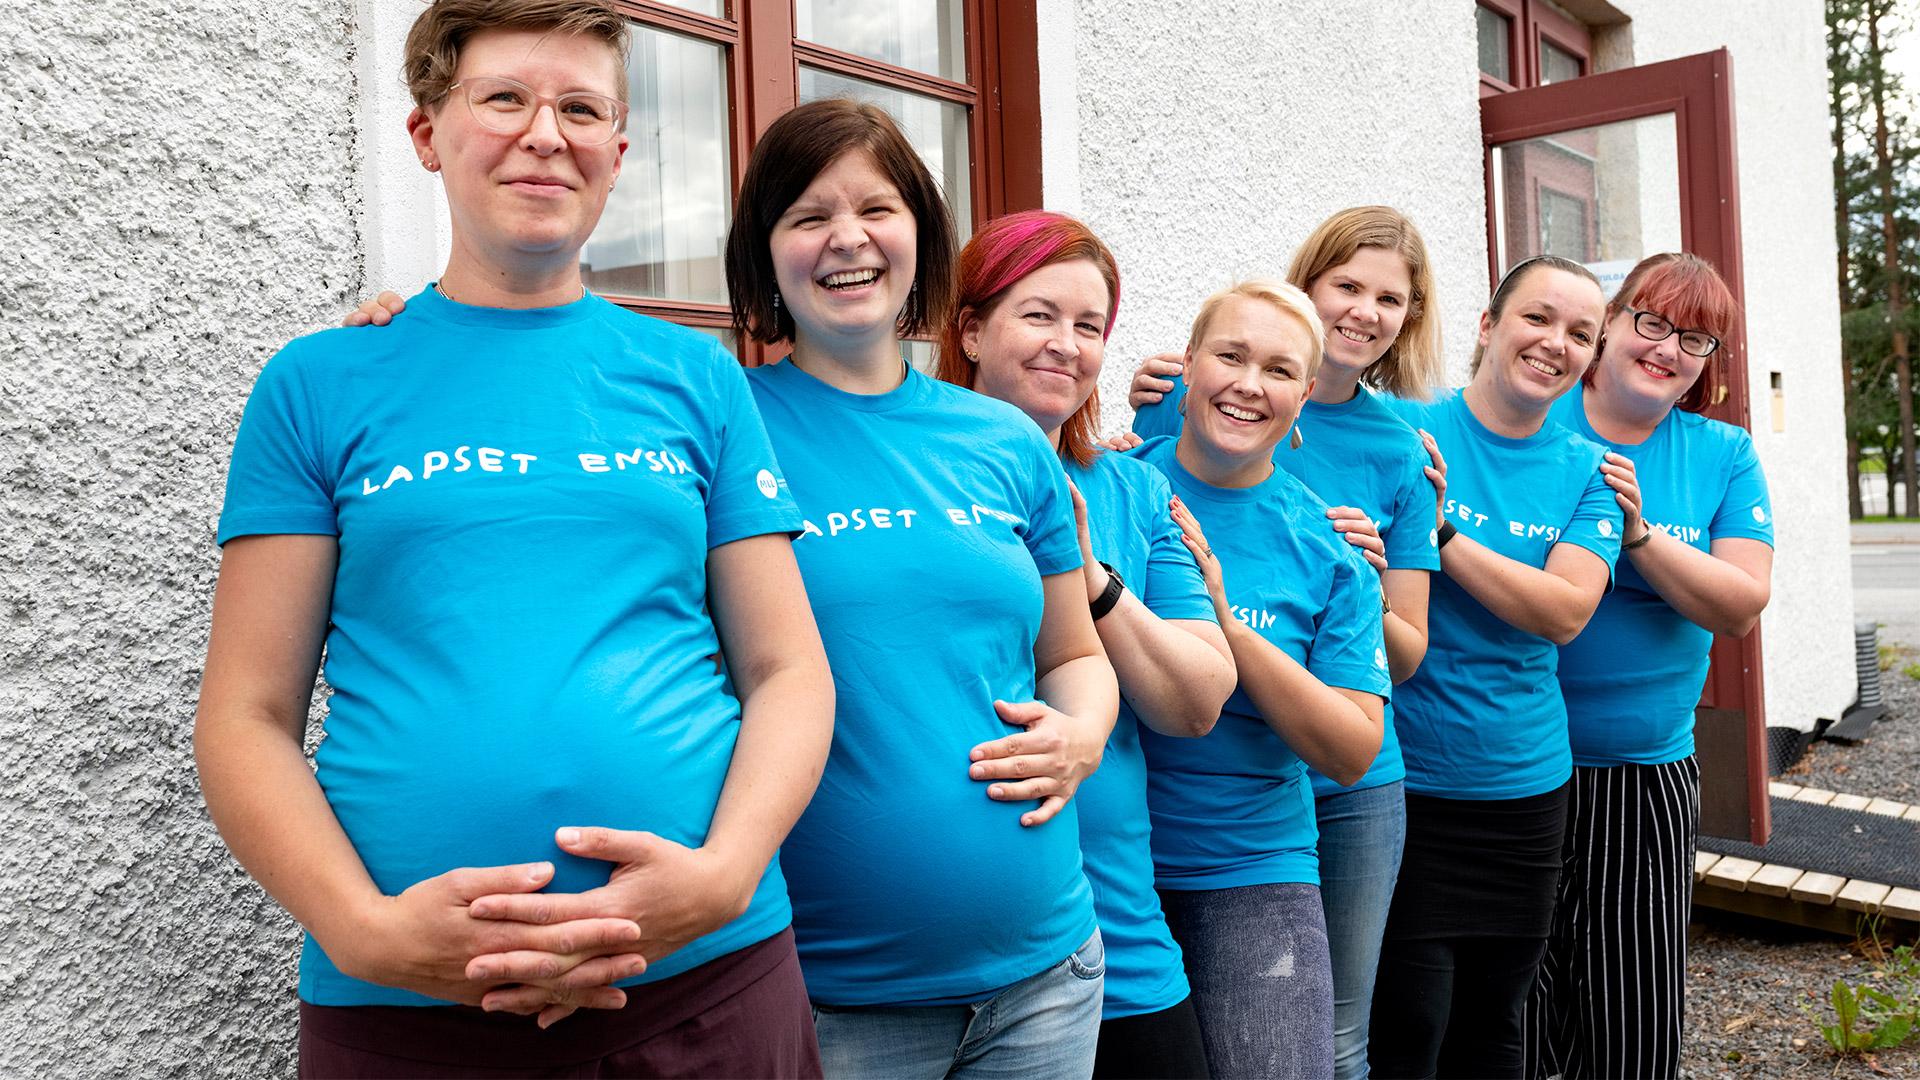 Seitsemän hymyilevää vapaaehtoista, jotka seisovat talon edustalla. Heillä on päällään turkoosit Lapset ensin -T-paidat.